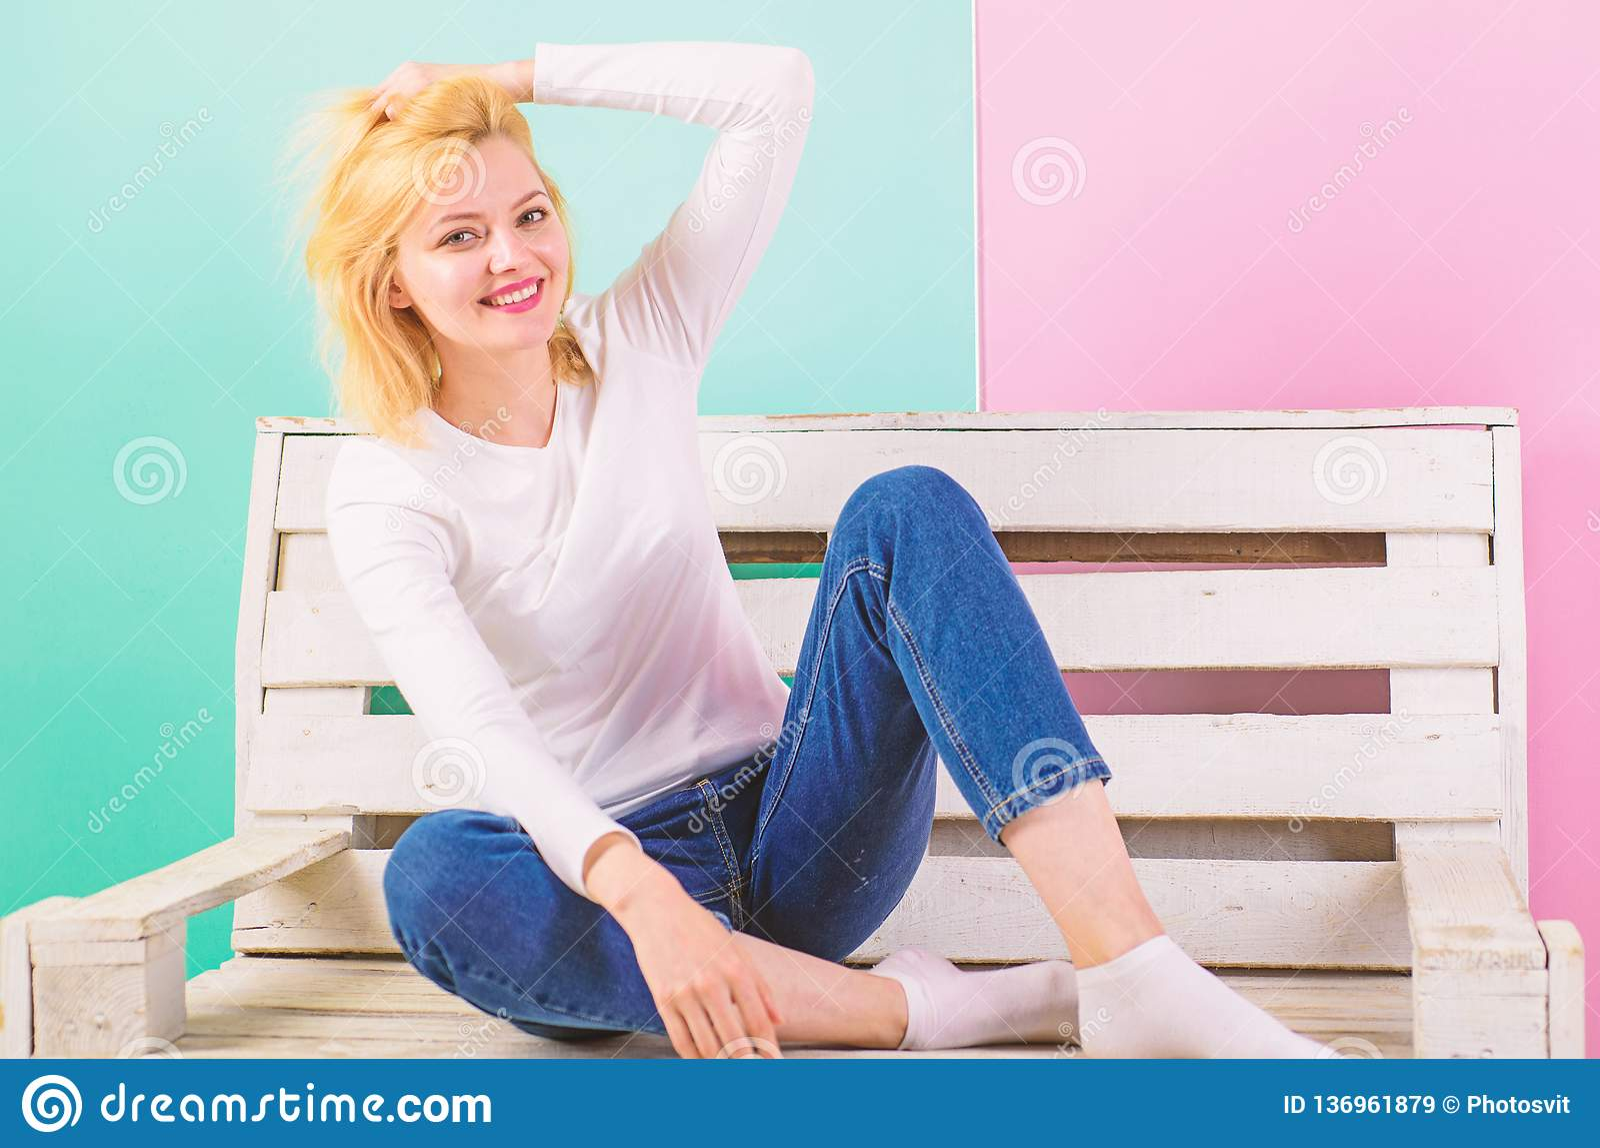 Meisje schitterend zelfs in eenvoudige stijlvulling Eenvoudige Schoonheid Zij is eenvoudig schitterend Mooie jonge vrouwenglimlac